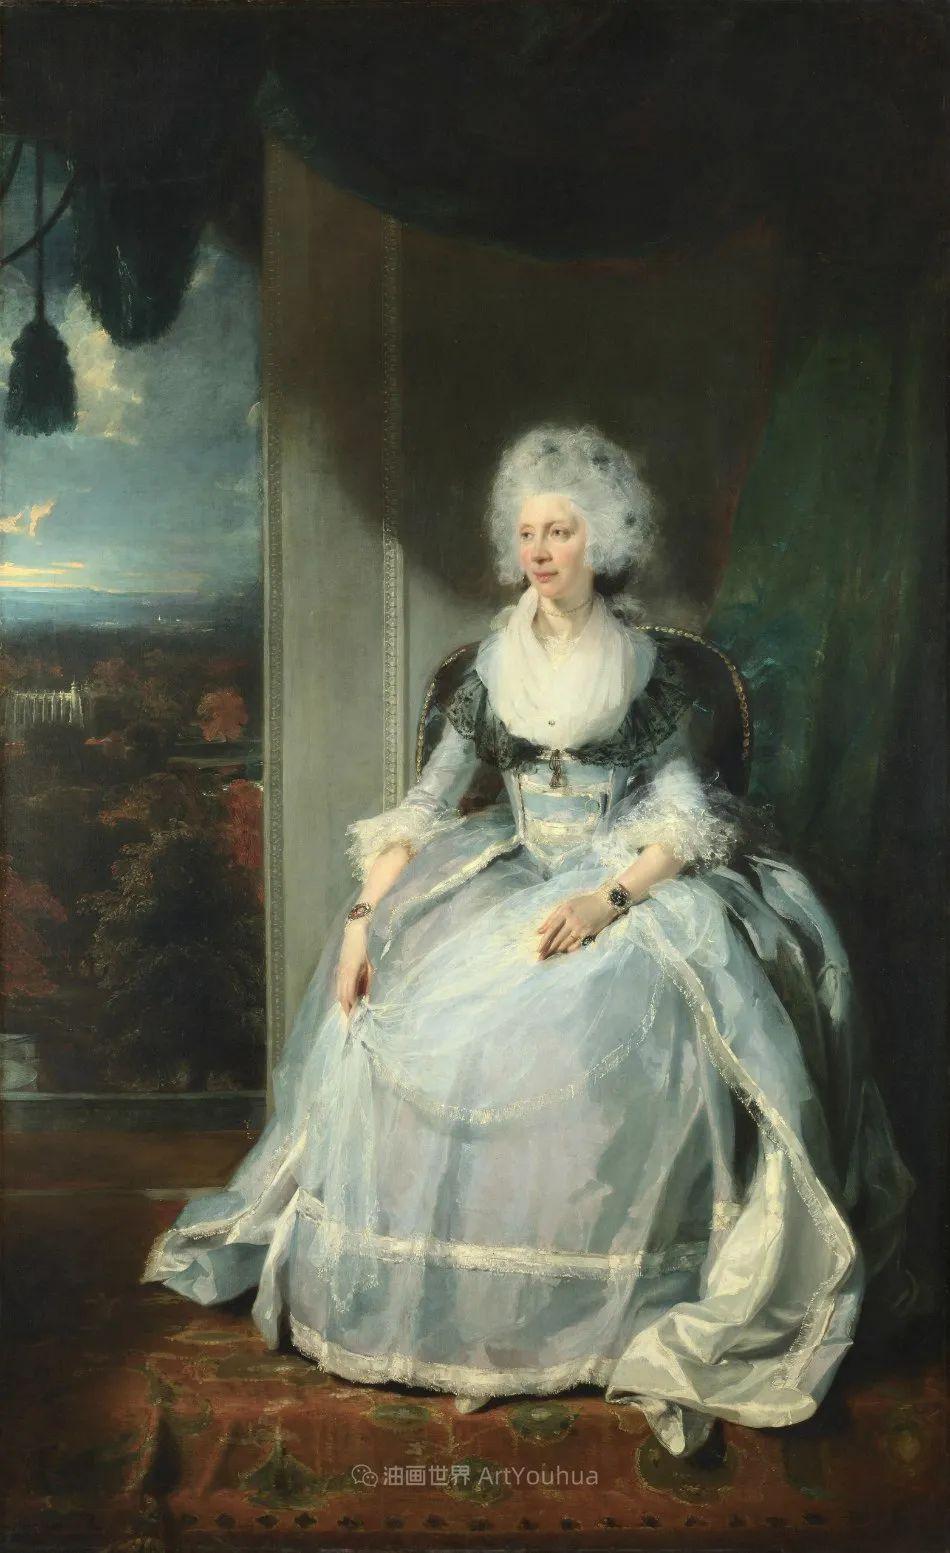 两百年前华丽风格的女性肖像,奔放的笔触、明亮的色彩!插图11